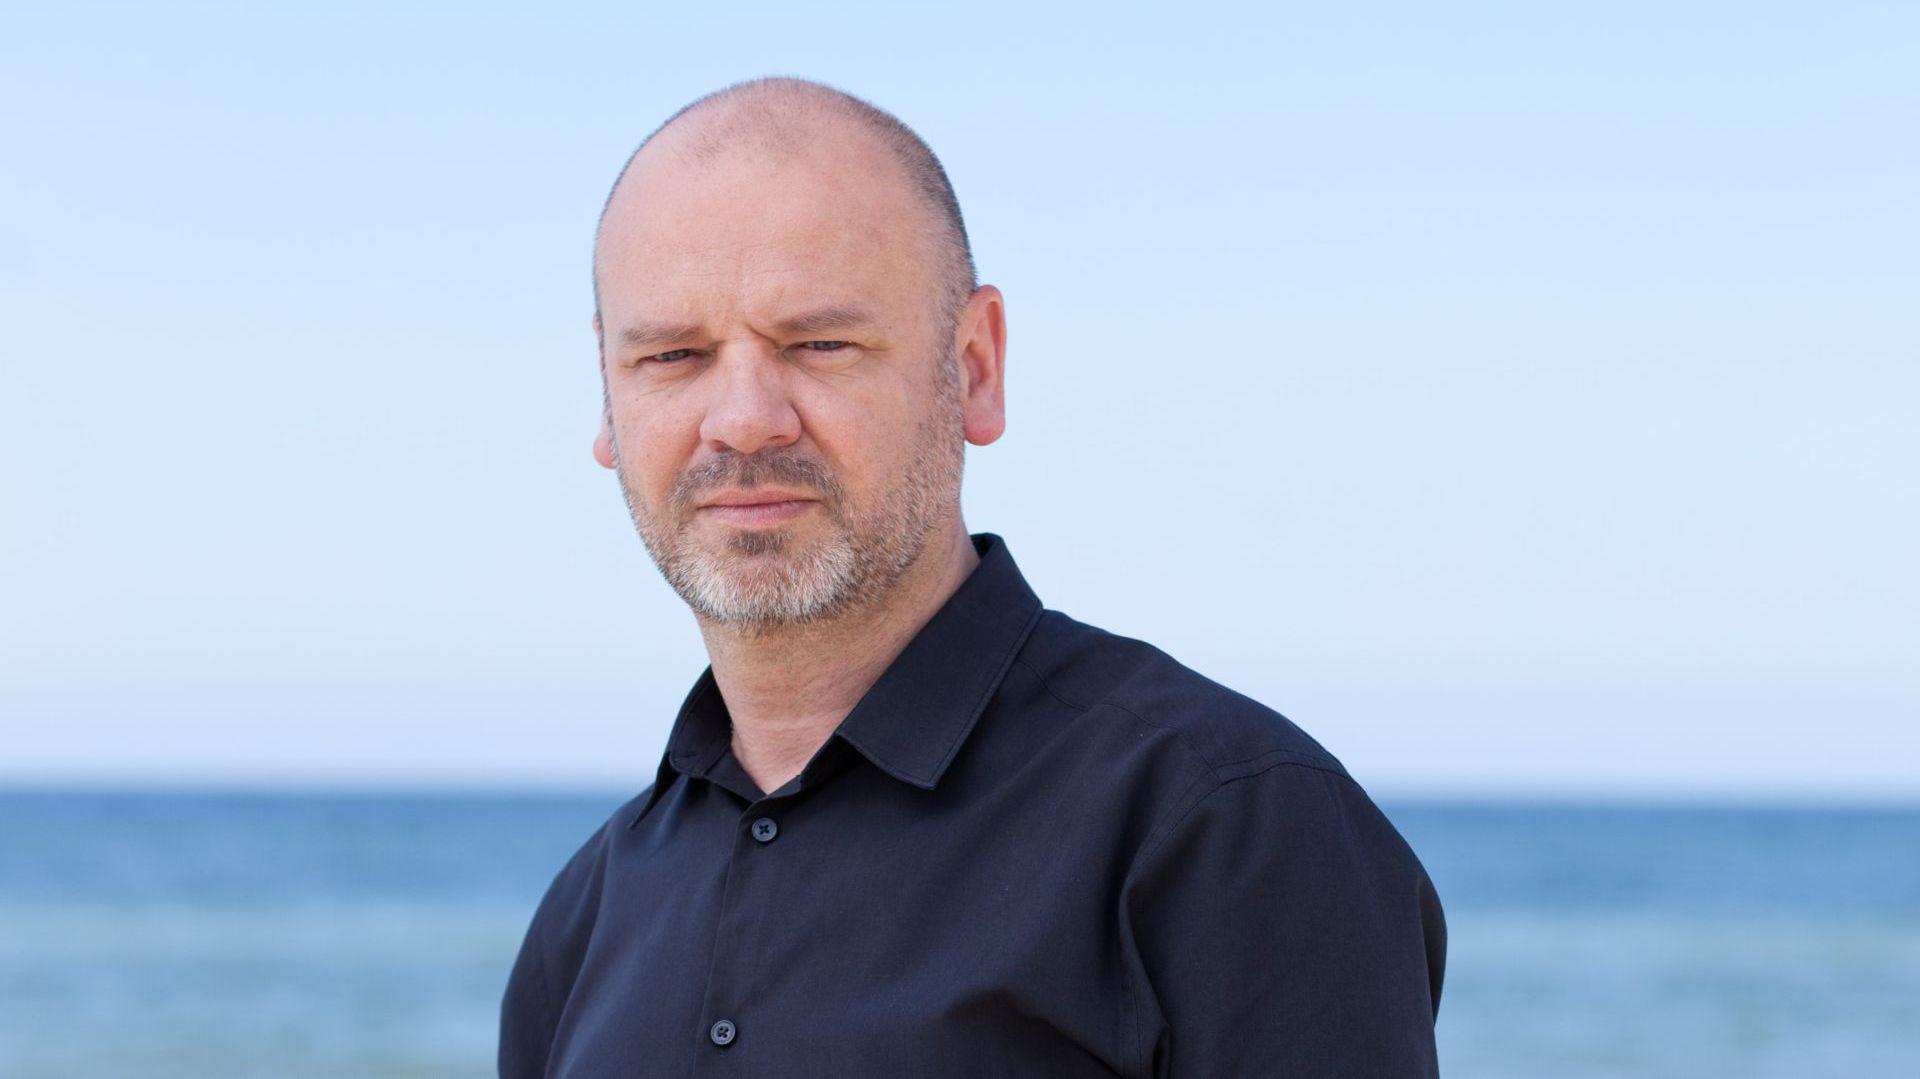 Dariusz Herman będzie gościem specjalnym Studia Dobrych Rozwiązań w Koszalinie. Fot. Wojciech Grela